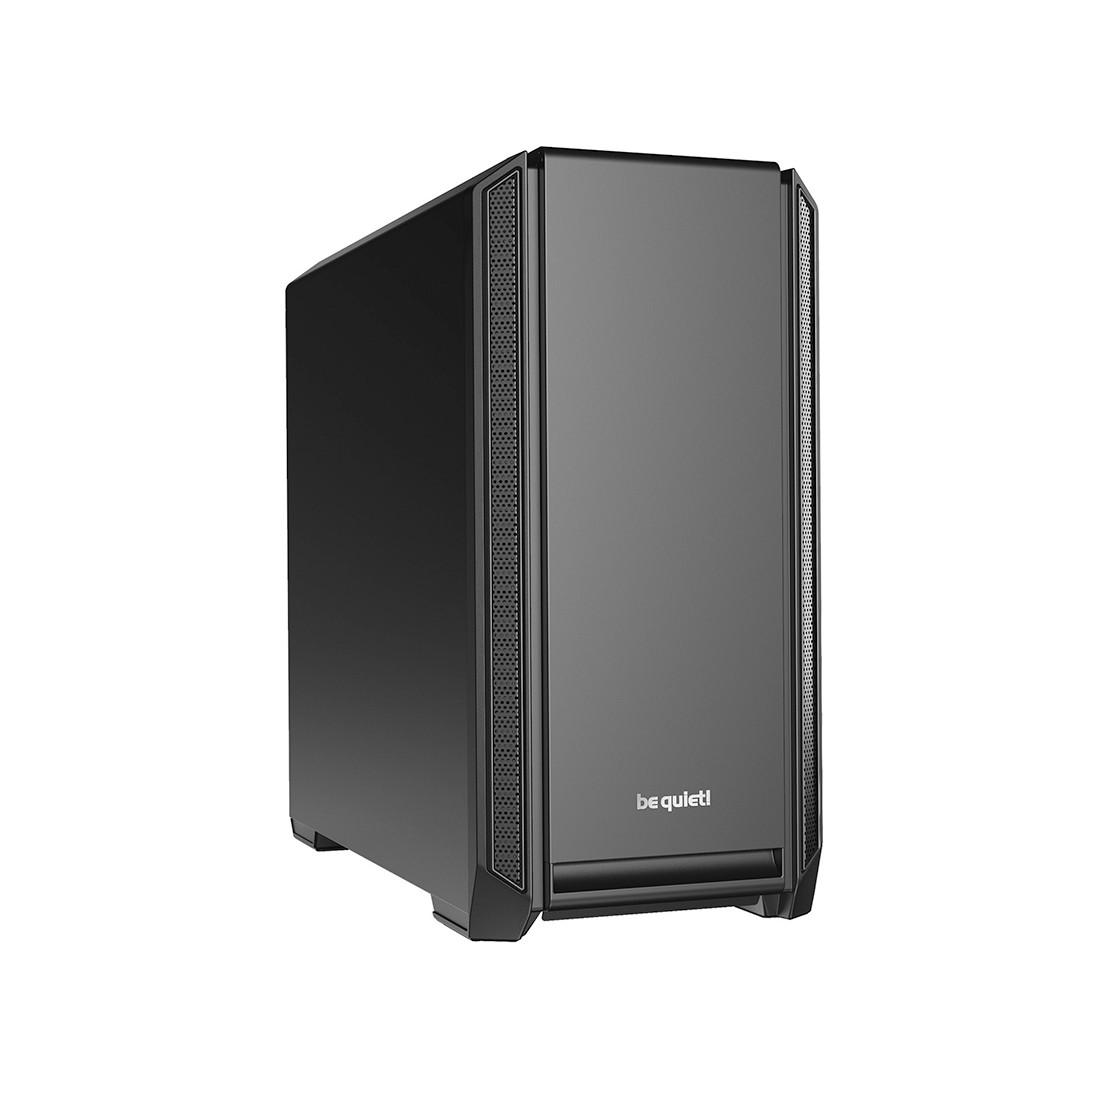 Компьютерный корпус Bequiet Silent Base 601 Black